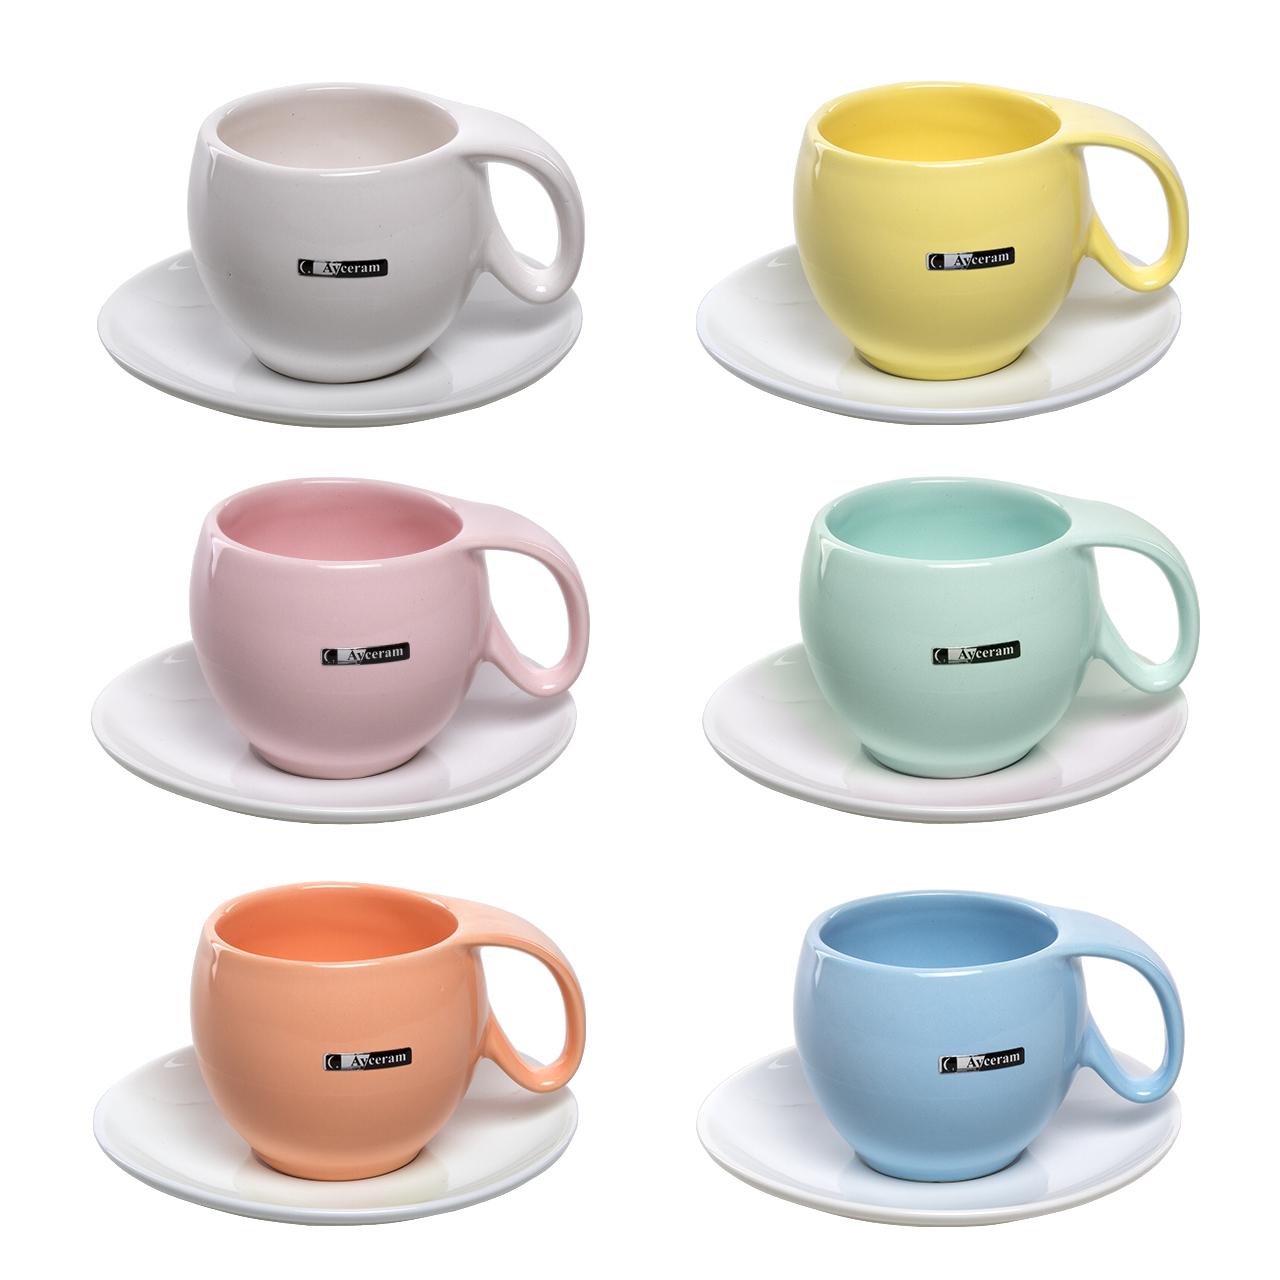 عکس سرویس چای خوری 12 پارچه آی سرام کد 4026